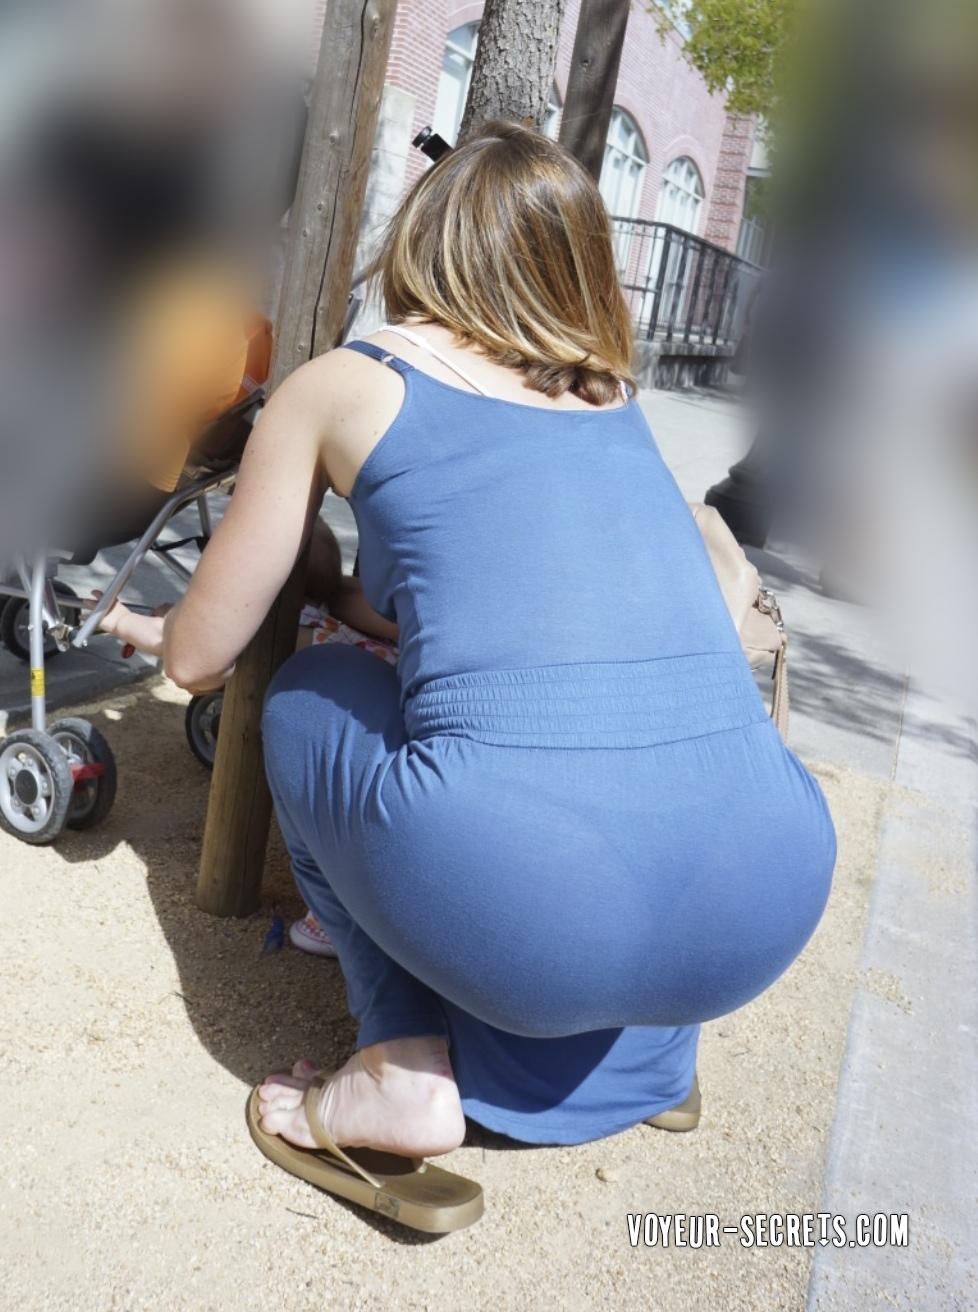 Culitos en leggins caminando por la calle - 2 part 10